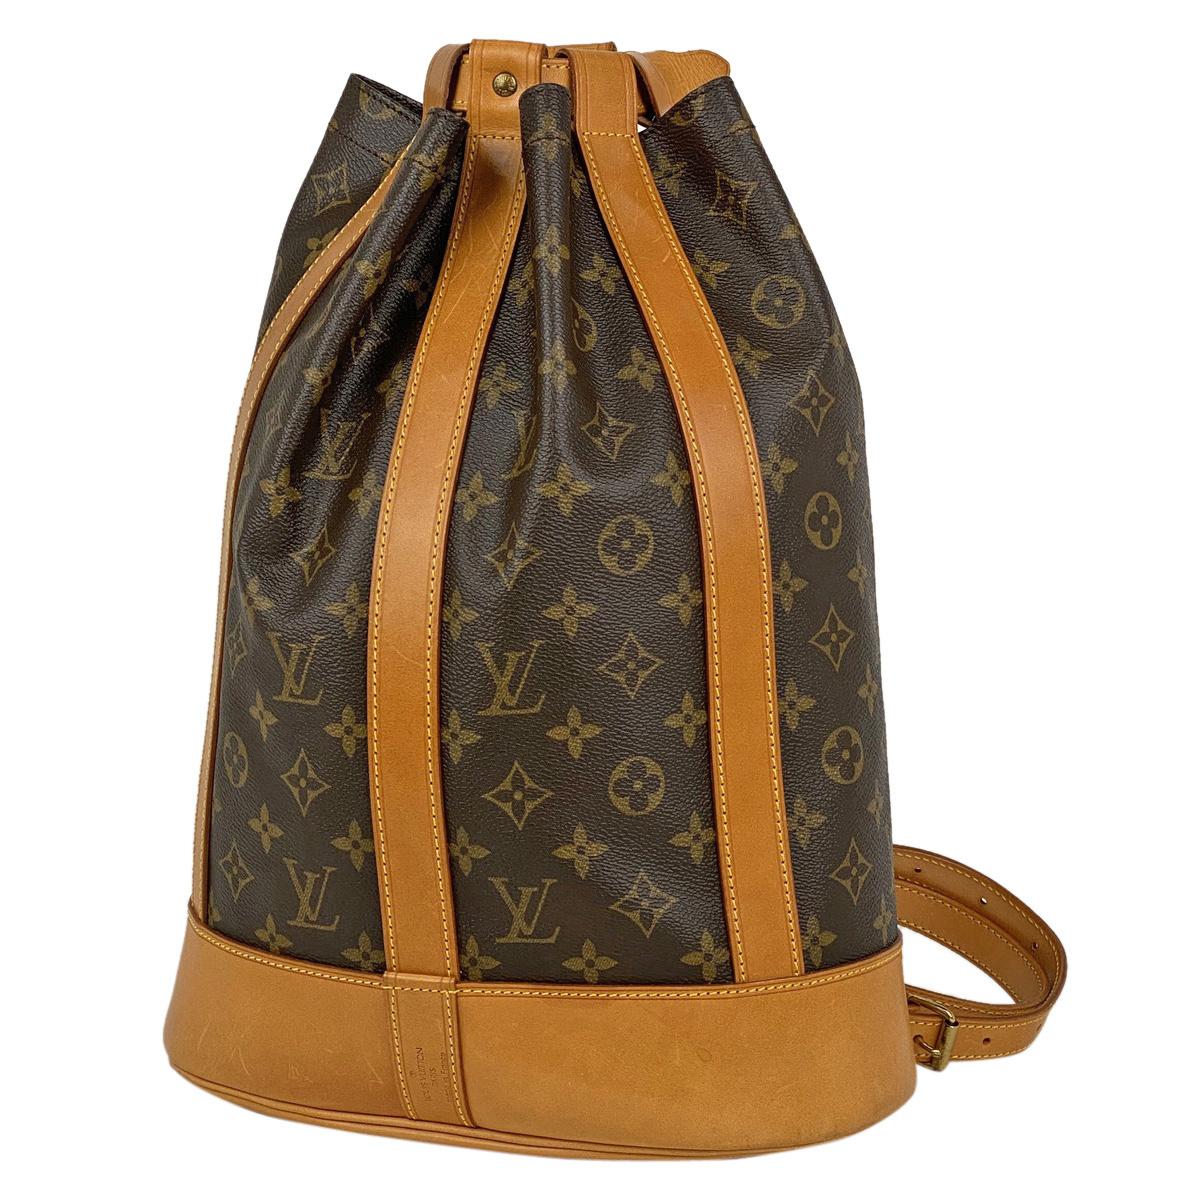 ルイ・ヴィトン Louis Vuitton ランドネ PM 肩掛け 巾着型 ショルダーバッグ モノグラム ブラウン M42243 レディース 【中古】